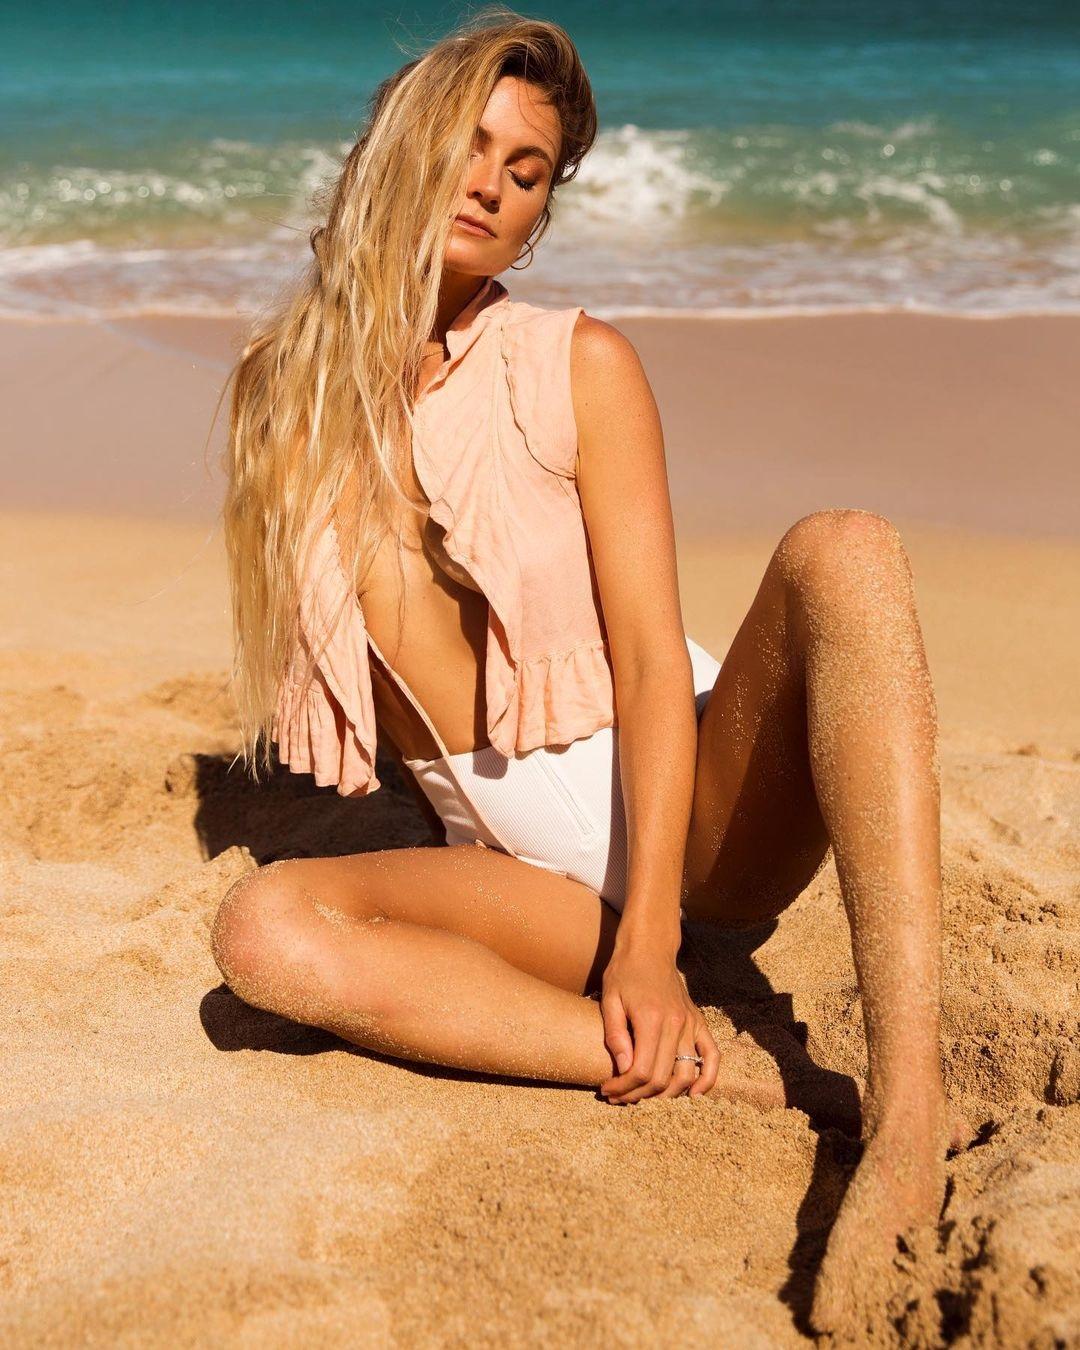 Осыпая голую грудь песком: горячие фото звездной серфингистки